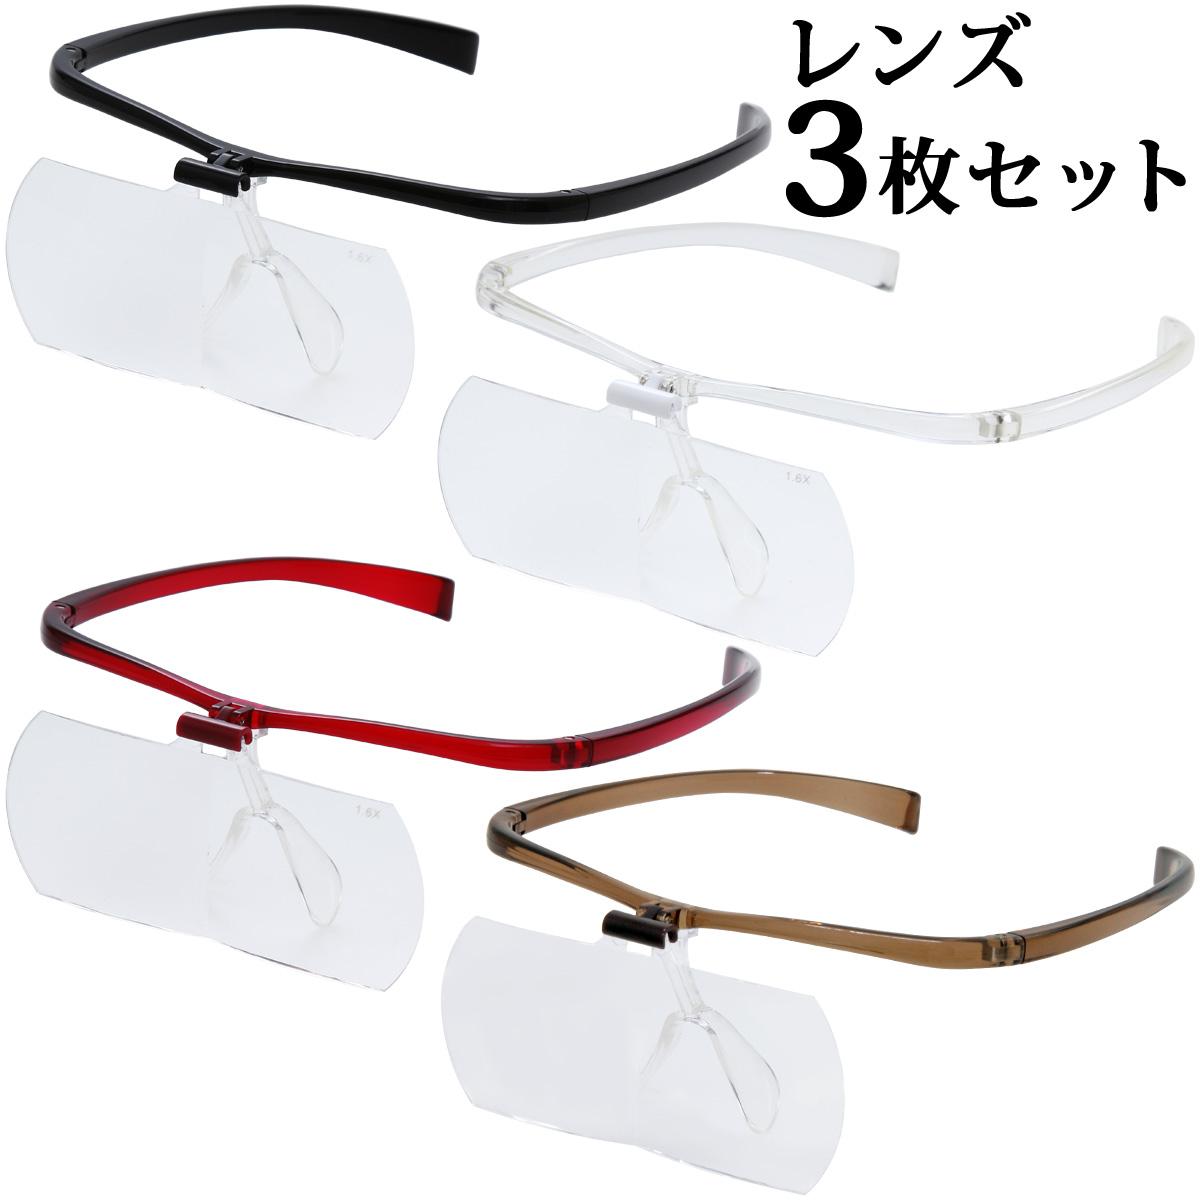 双眼メガネルーペ メガネタイプ 1.6倍 2倍 2.3倍 レンズ3枚セット HF-61DEF メガネ型ルーペ 跳ね上げ メガネの上から クリアルーペ 手芸 拡大鏡 まつげエクステ まつげエクステ 池田レンズ アウトレット